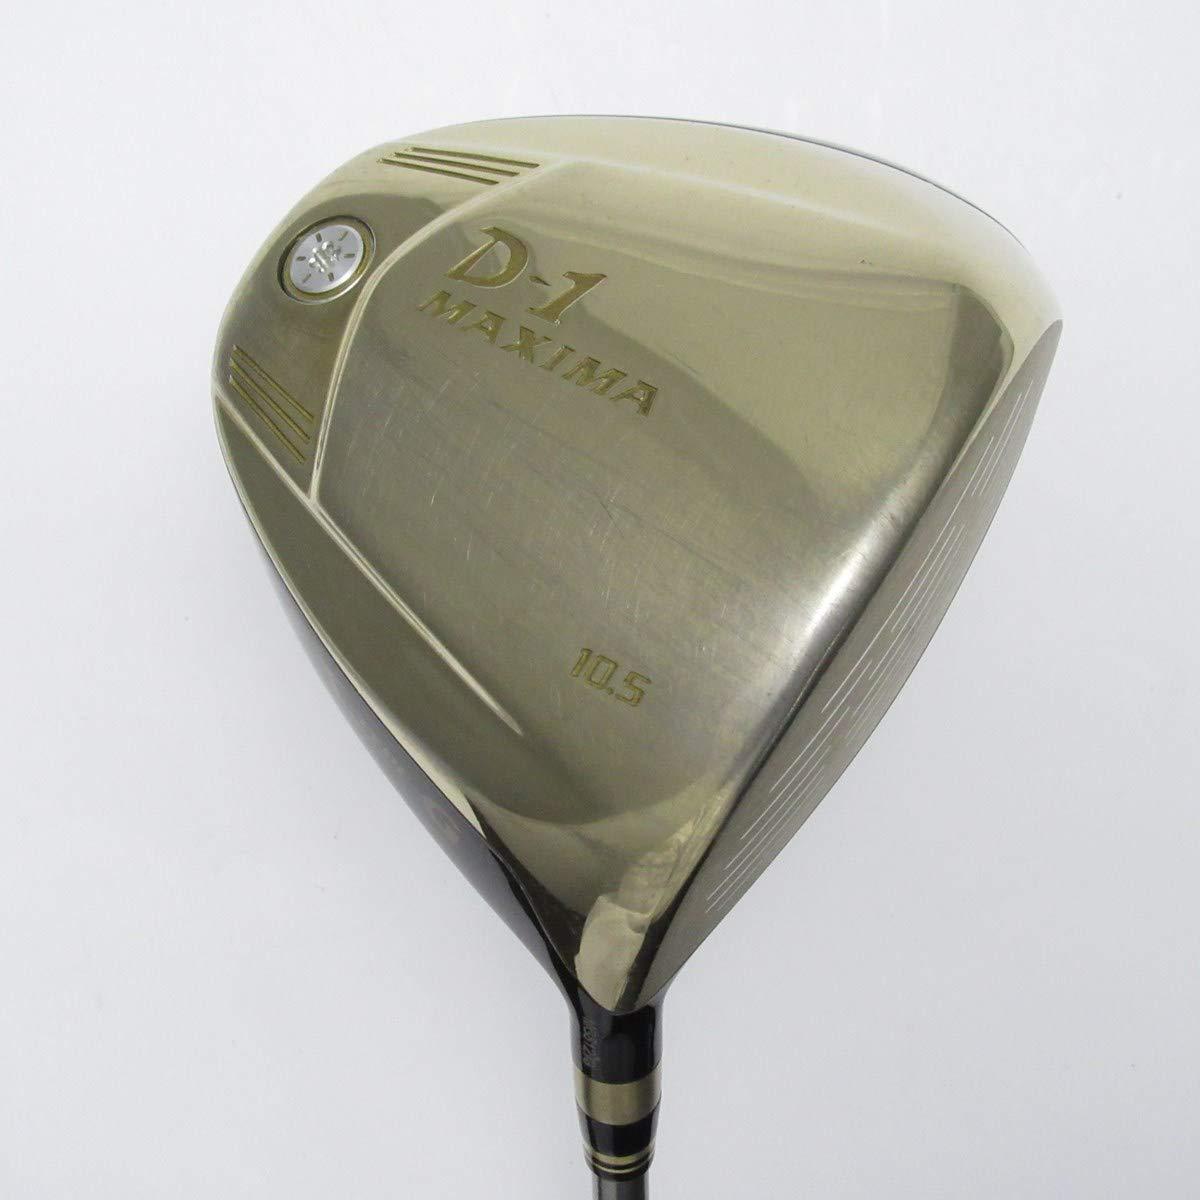 【中古】リョーマ ゴルフ RYOMA GOLF Ryoma D-1 MAXIMA TYPE-G(メーカー公認中古) ドライバー Tour AD MX-G B07MTPSHRX  R2